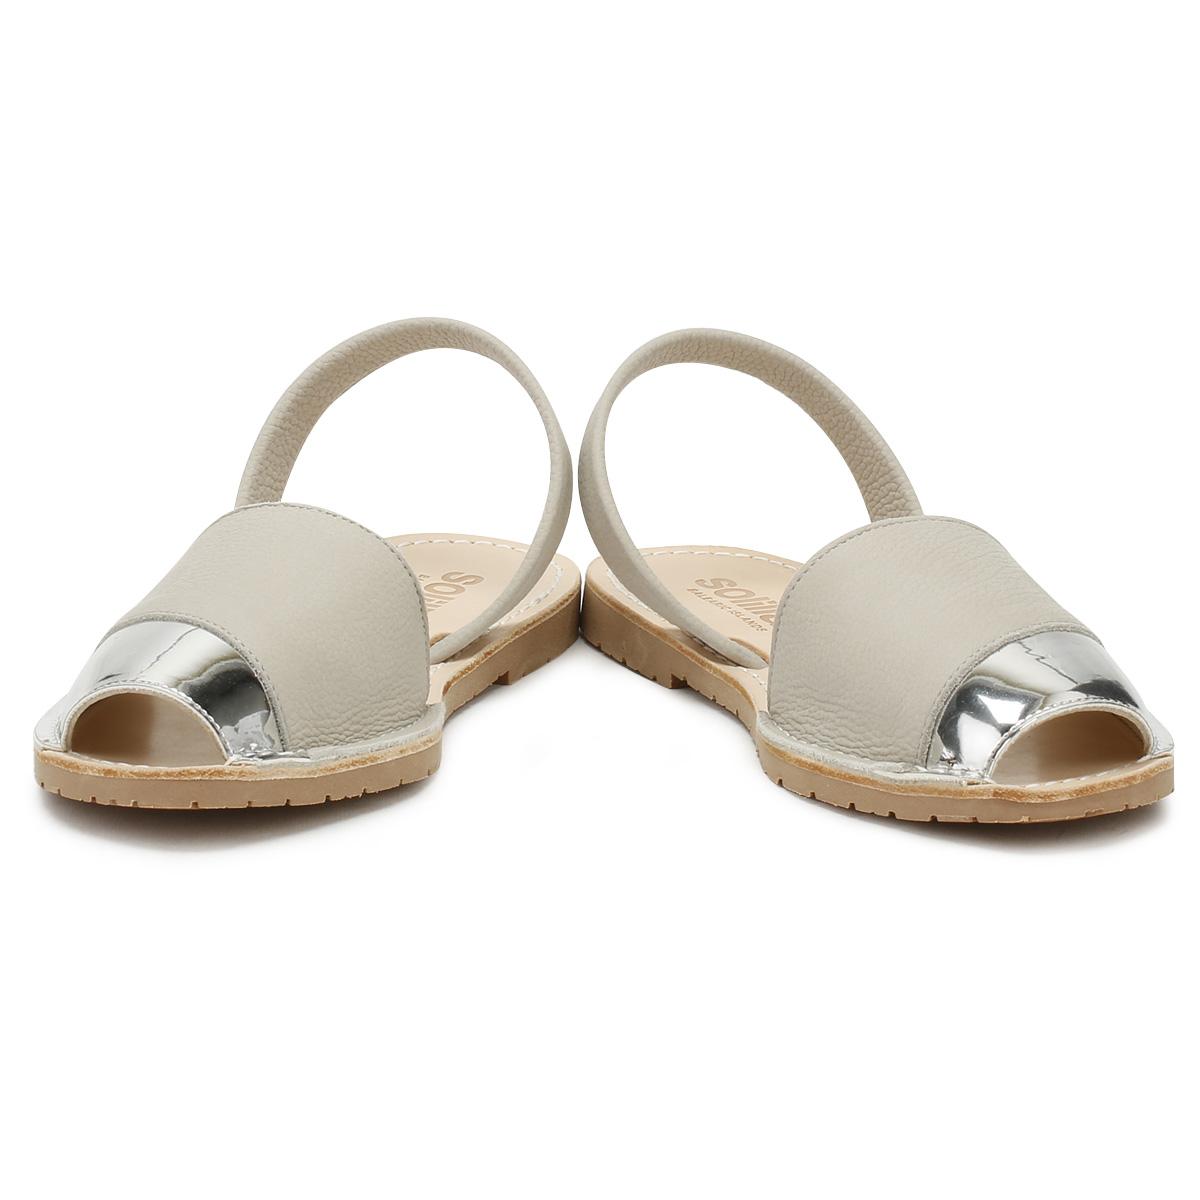 Solillas Sandalias De Mujer Crema y Oro Aina Damas Verano Informales Zapatos Planos